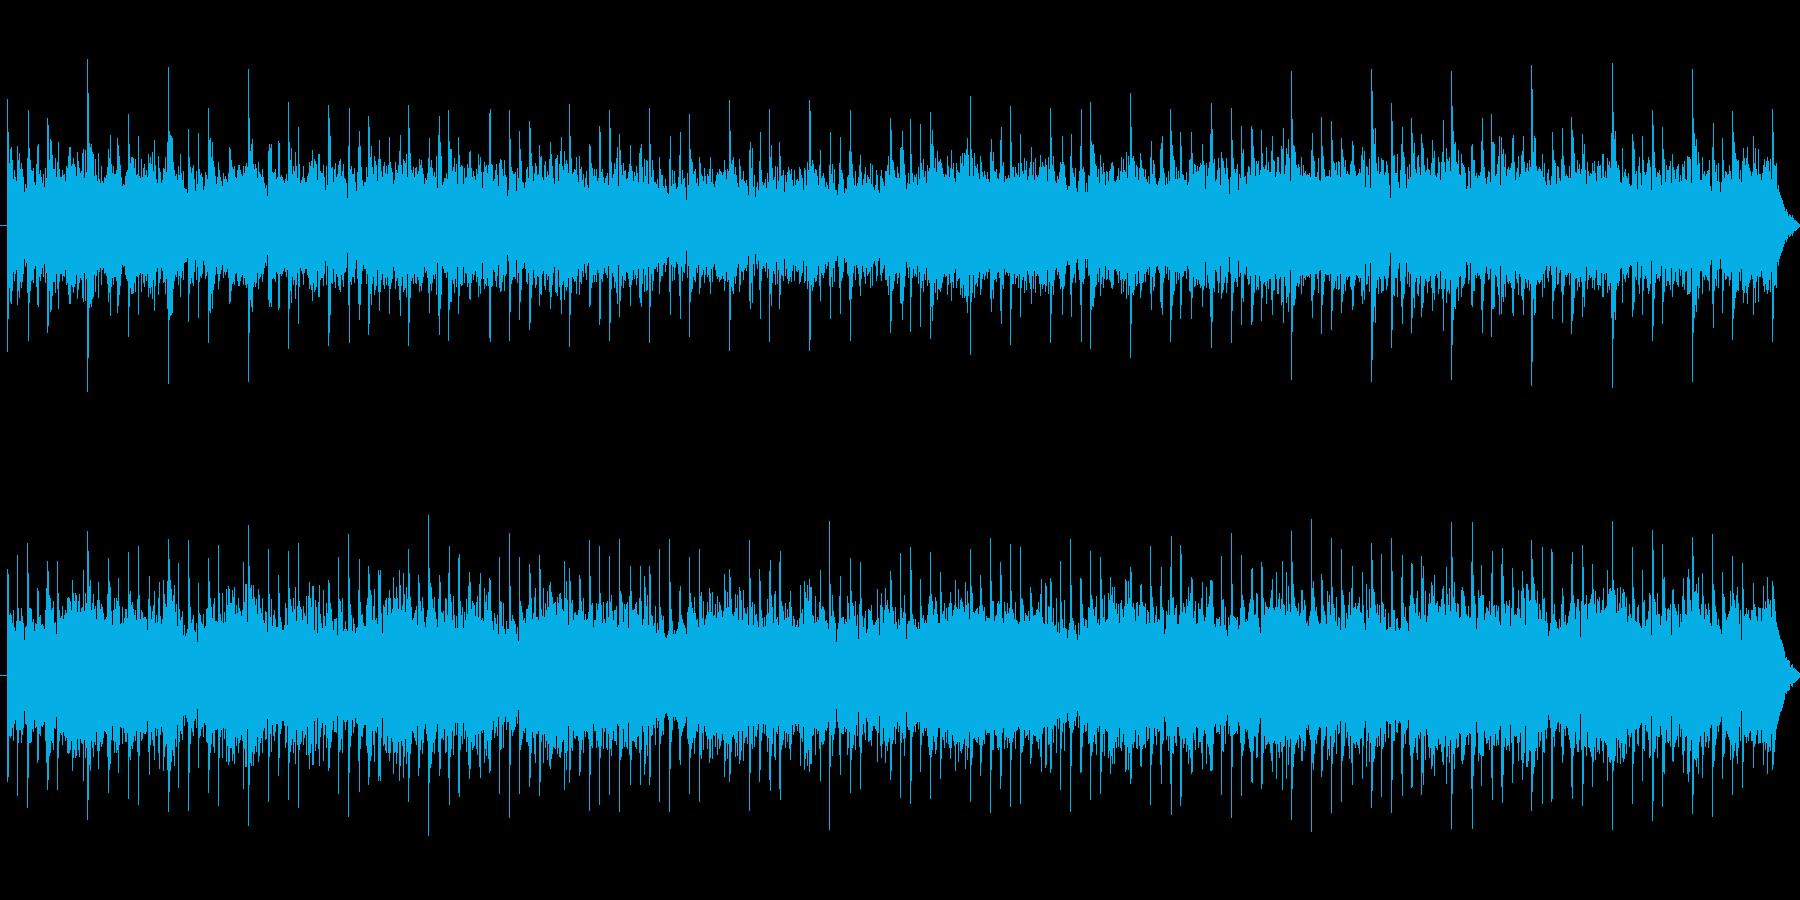 【幕開け】何かが始まりそうな力強い曲の再生済みの波形